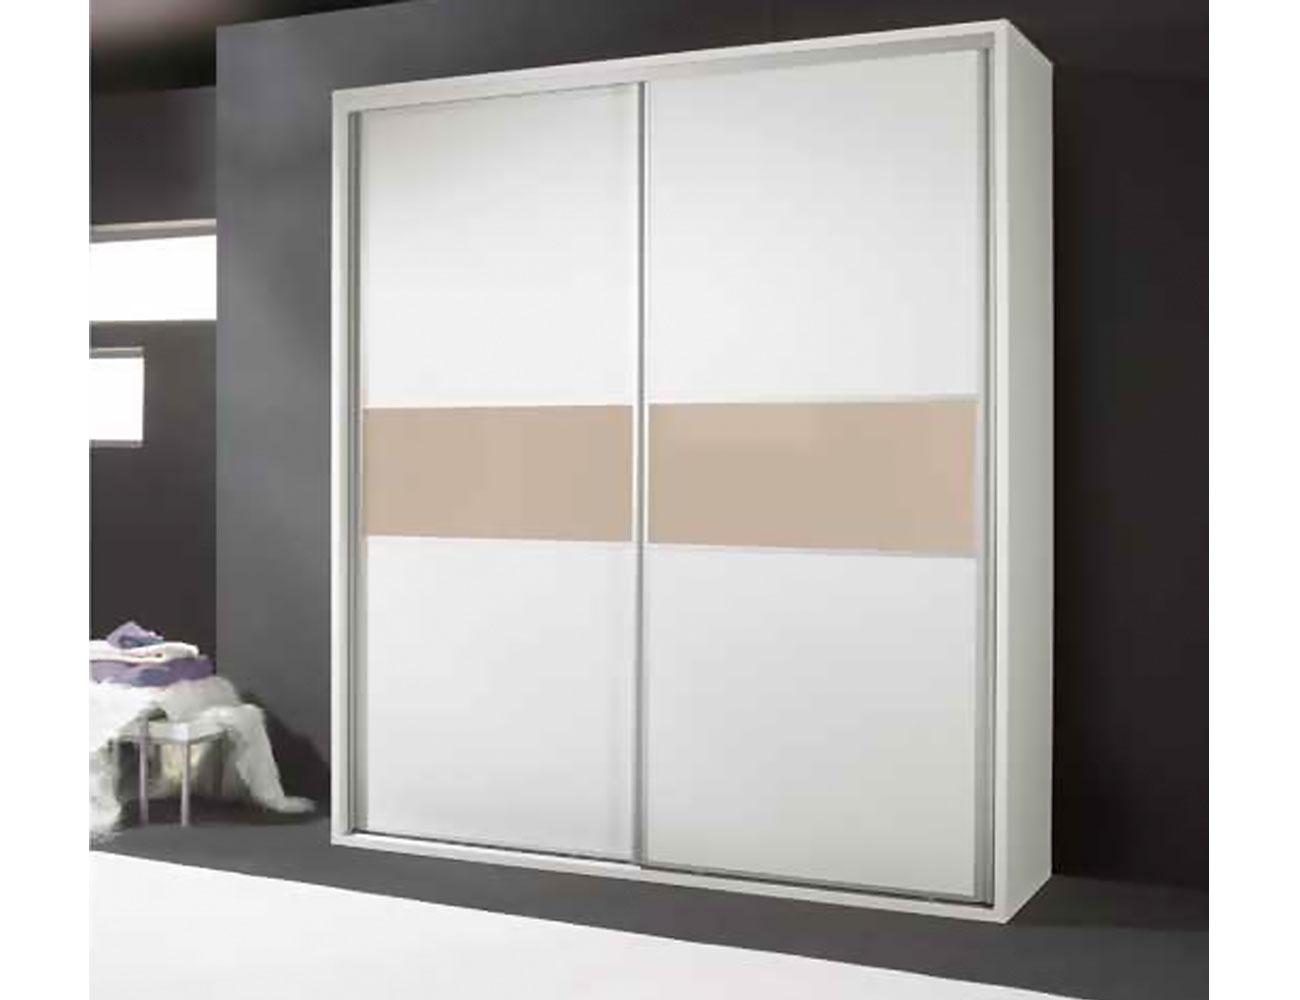 Armario puertas correderas moderno blanco vison